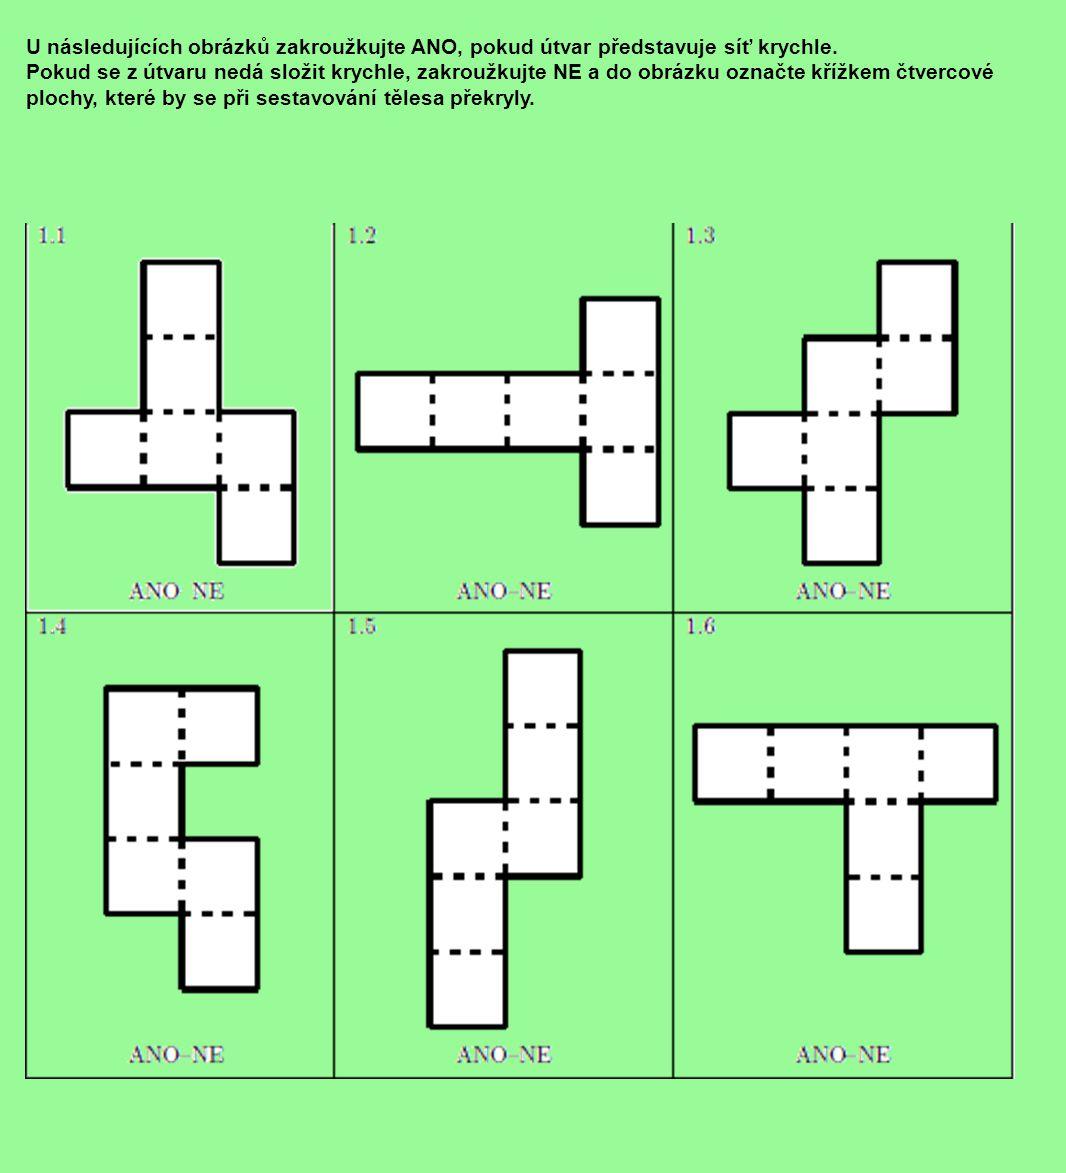 U následujících obrázků zakroužkujte ANO, pokud útvar představuje síť krychle. Pokud se z útvaru nedá složit krychle, zakroužkujte NE a do obrázku ozn